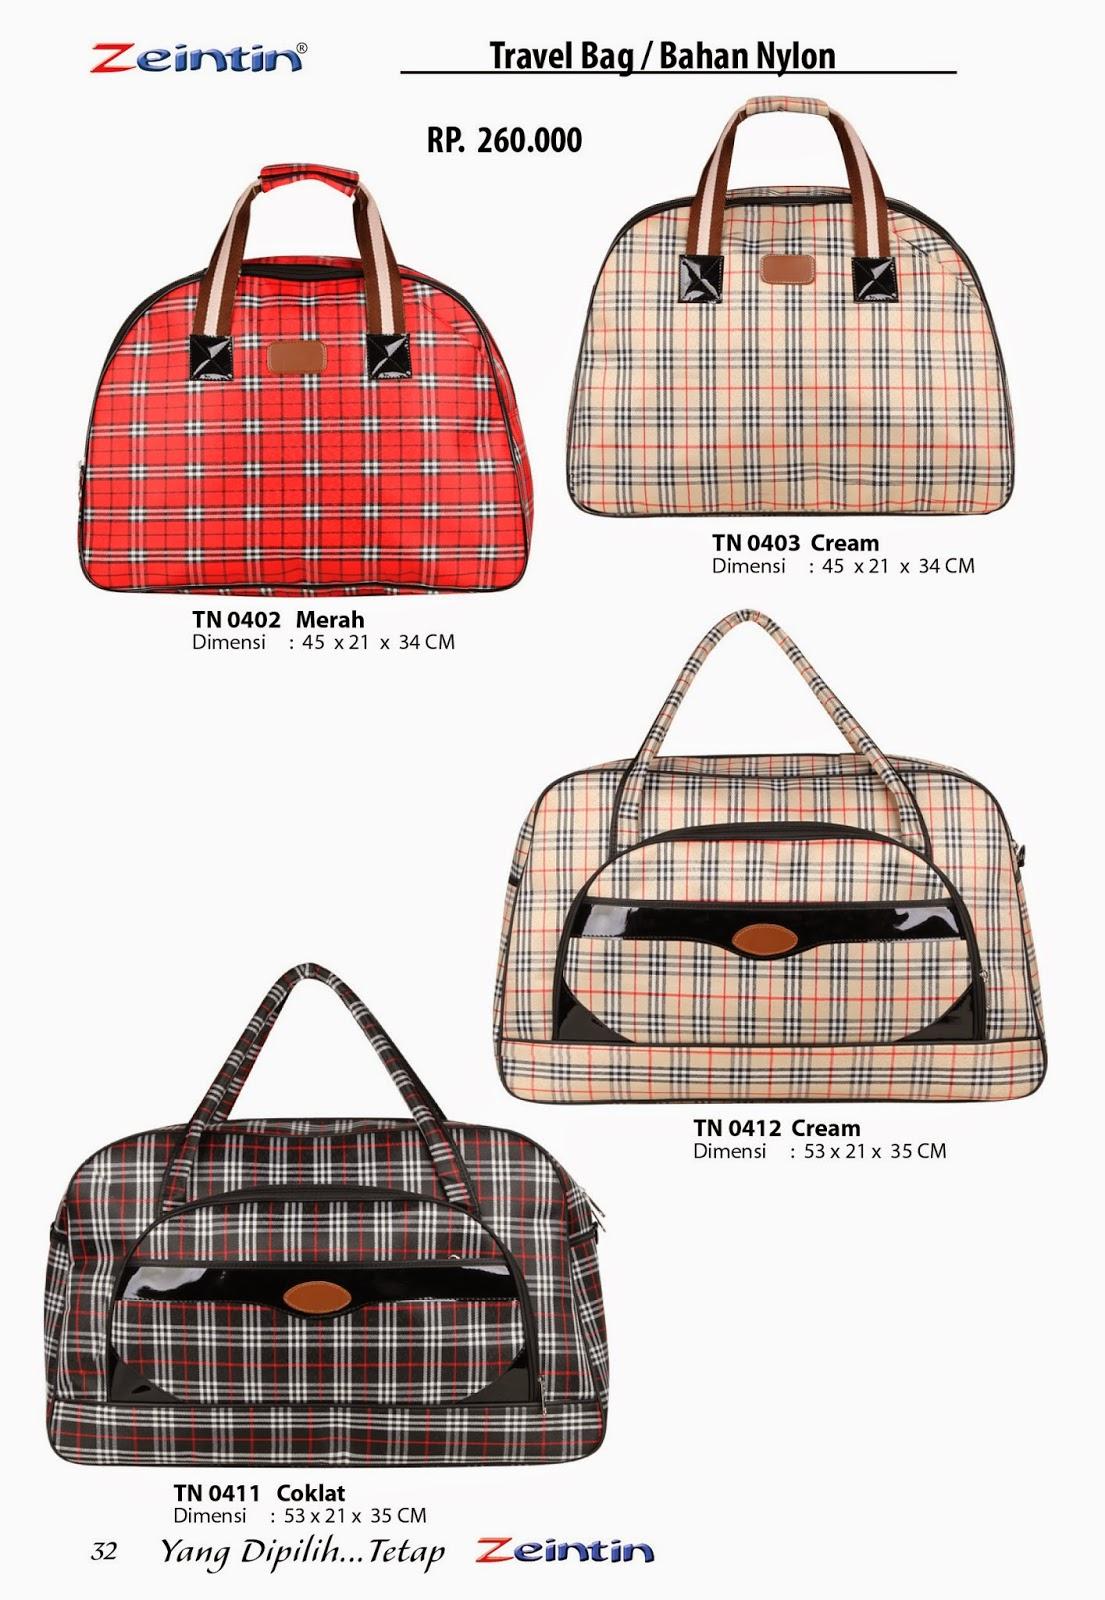 Travel Bag Zeintin Katalog Edisi Brilian 11